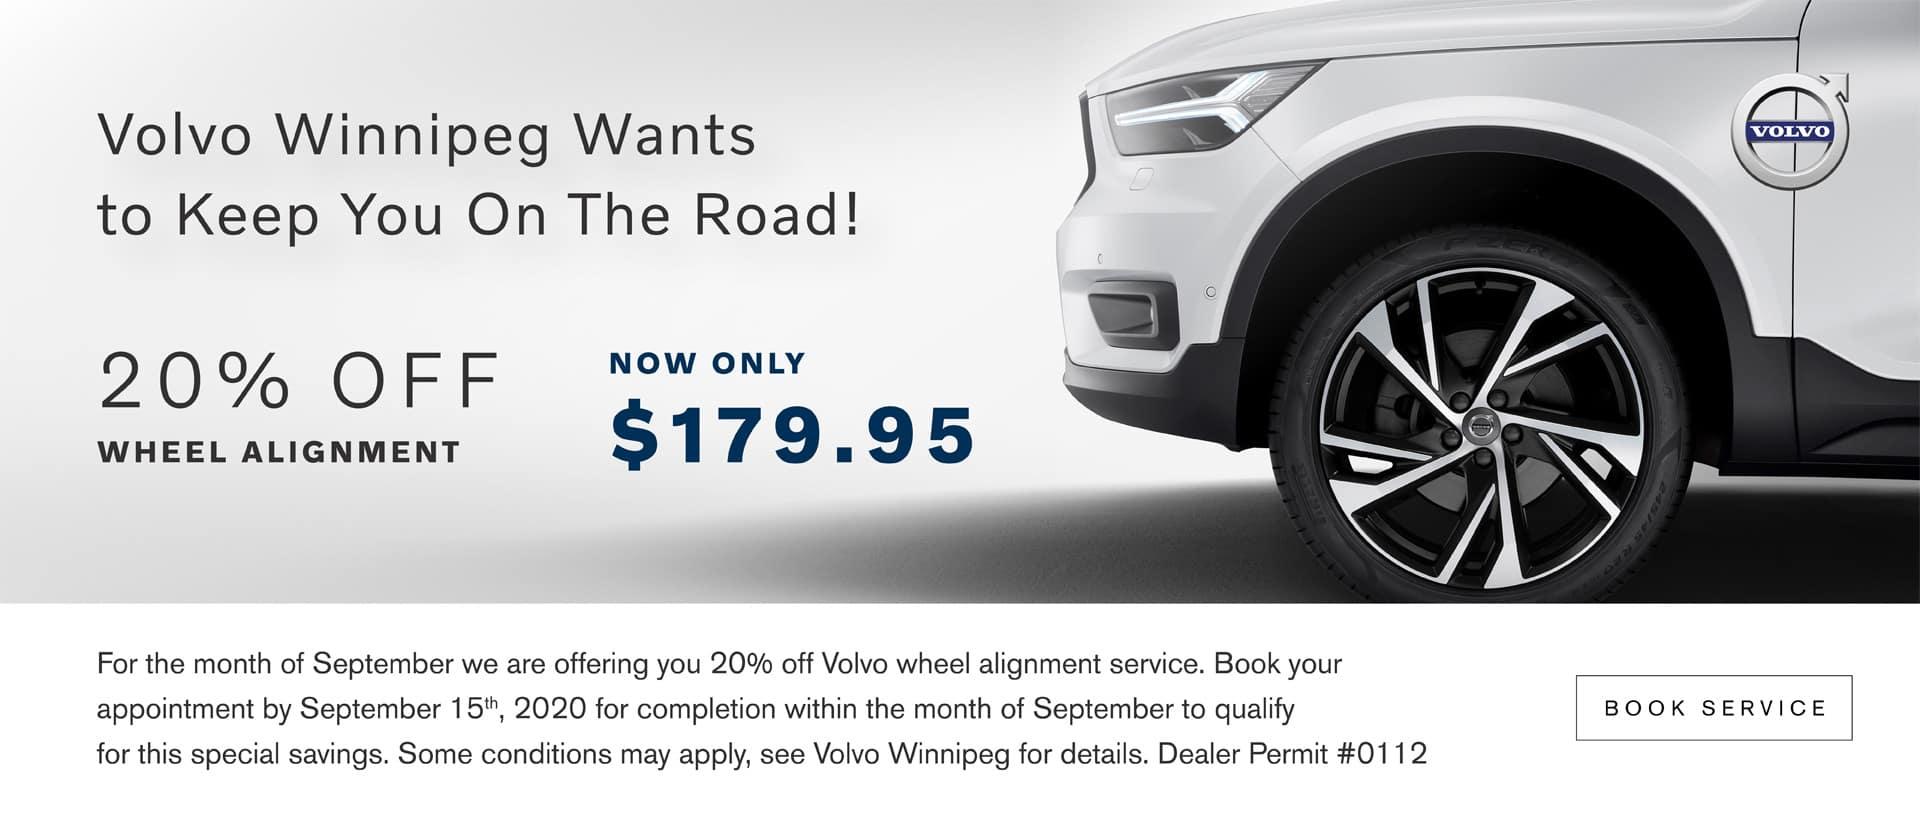 Volvo Winnipeg Service